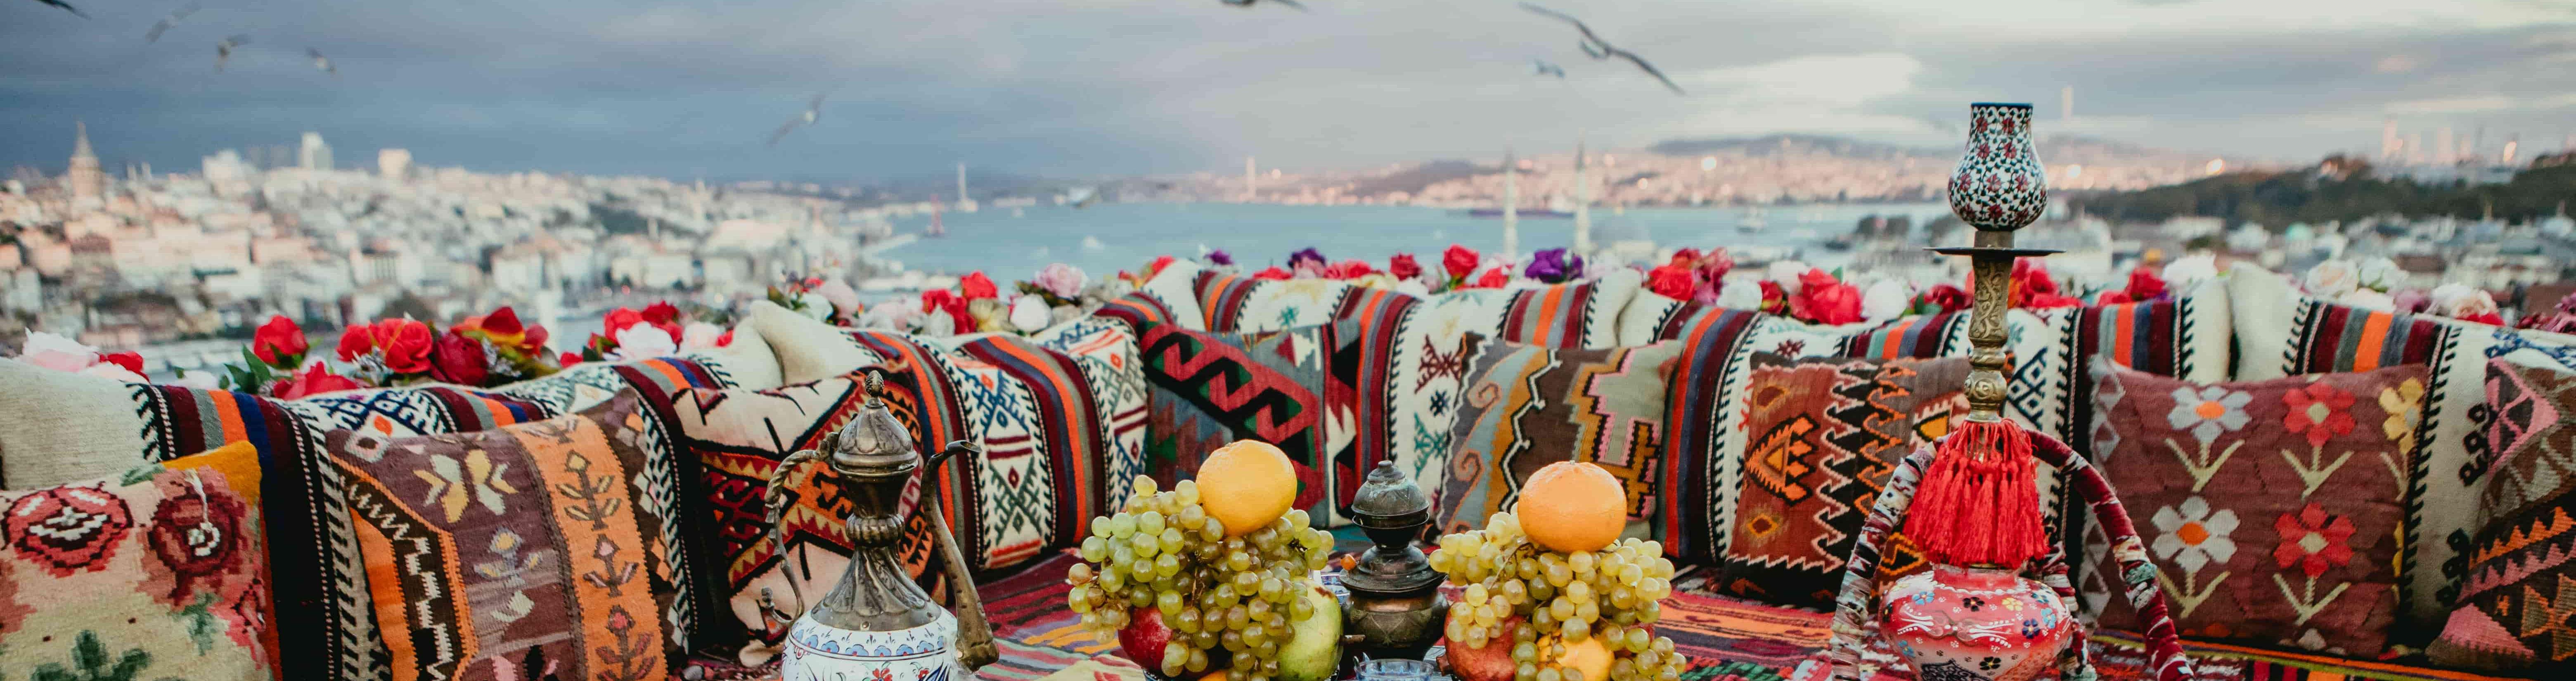 Weekend for U у Стамбулі: перший авторський тур від SkyUp відбувся!